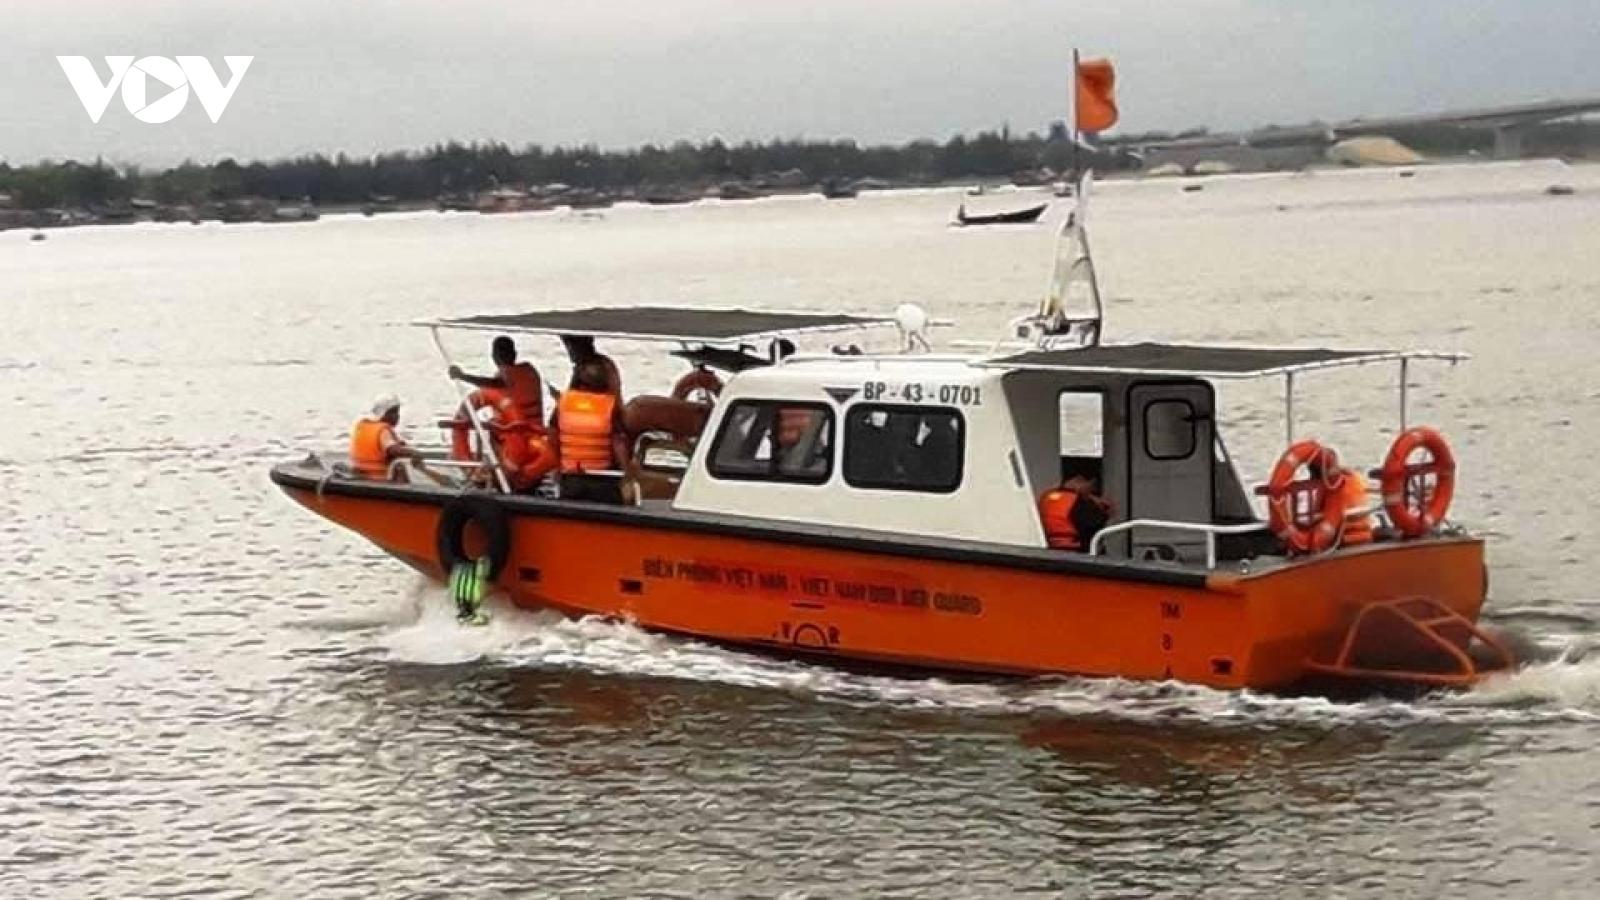 Tìm thấy một thi thể trong vụ lật ghe trên sông Thu Bồn